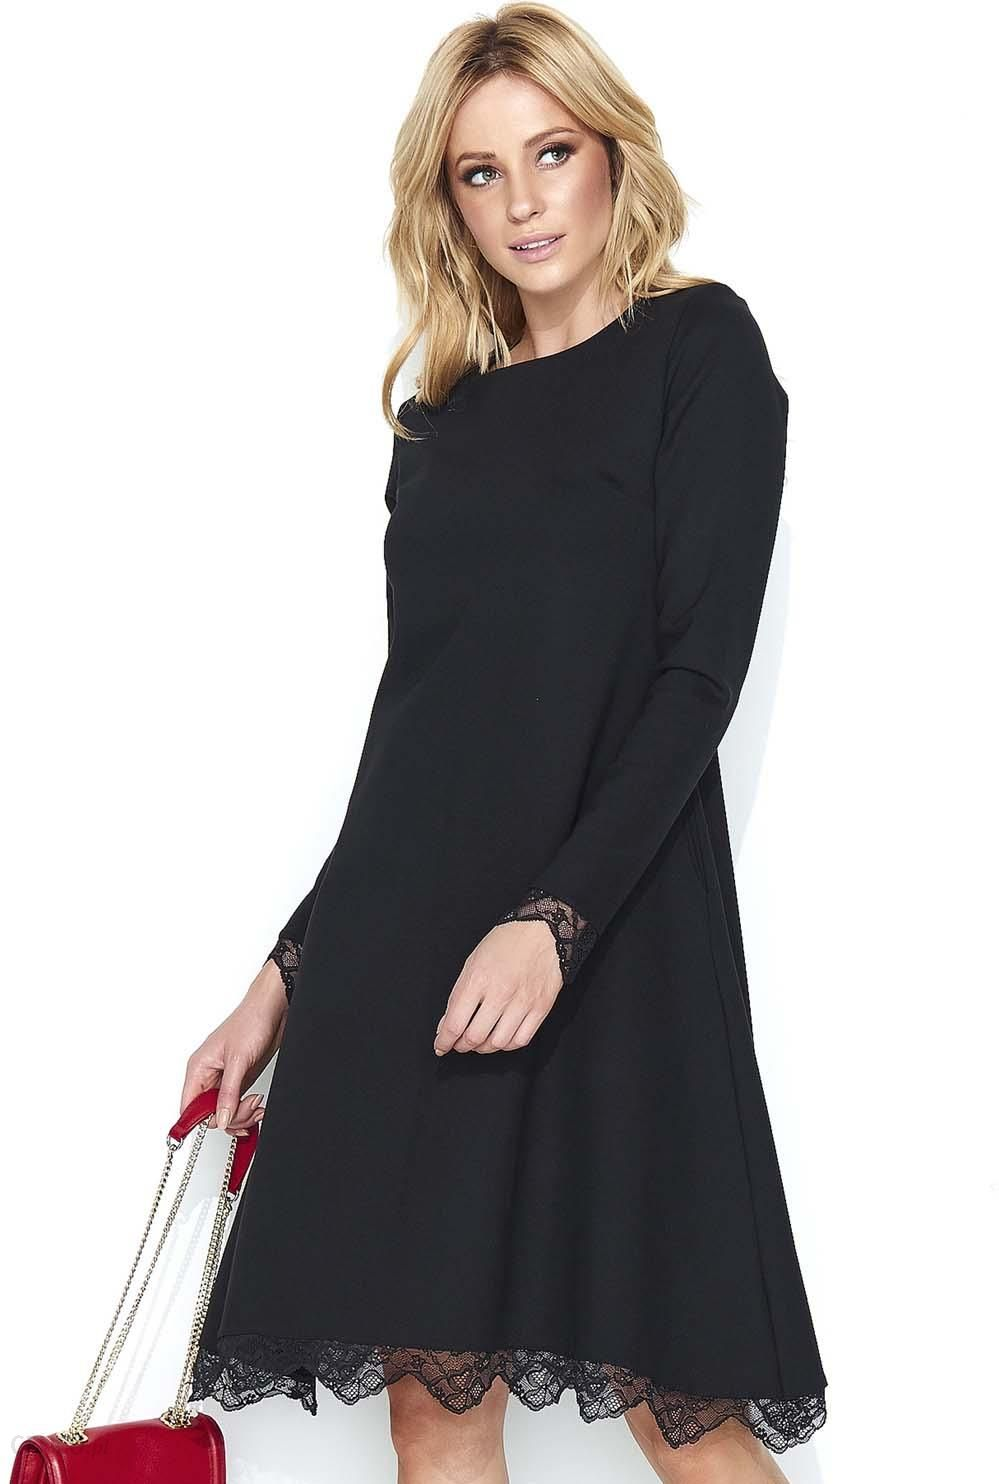 dac5406061 Makadamia Czarna Elegancka Sukienka do Kolan Wykończona Koronką - zdjęcie 1